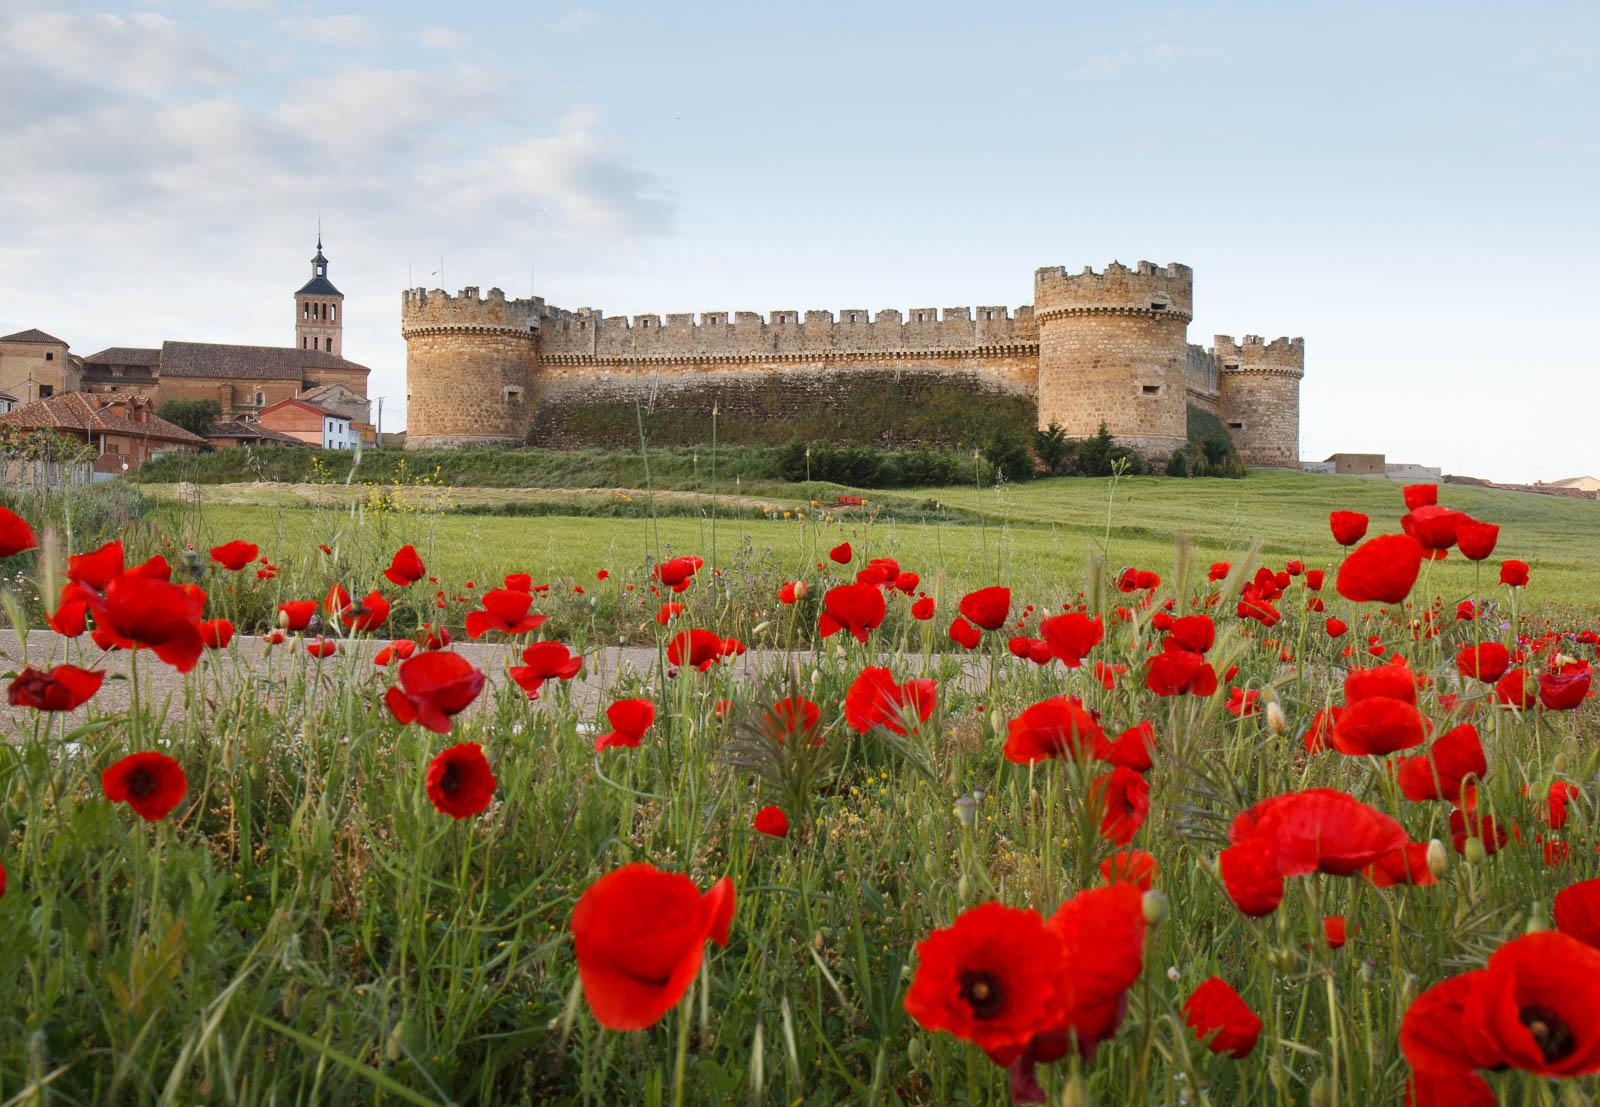 El desaf o castillo de grajal de campos palencia 27 for Puerta 7 campo de mayo